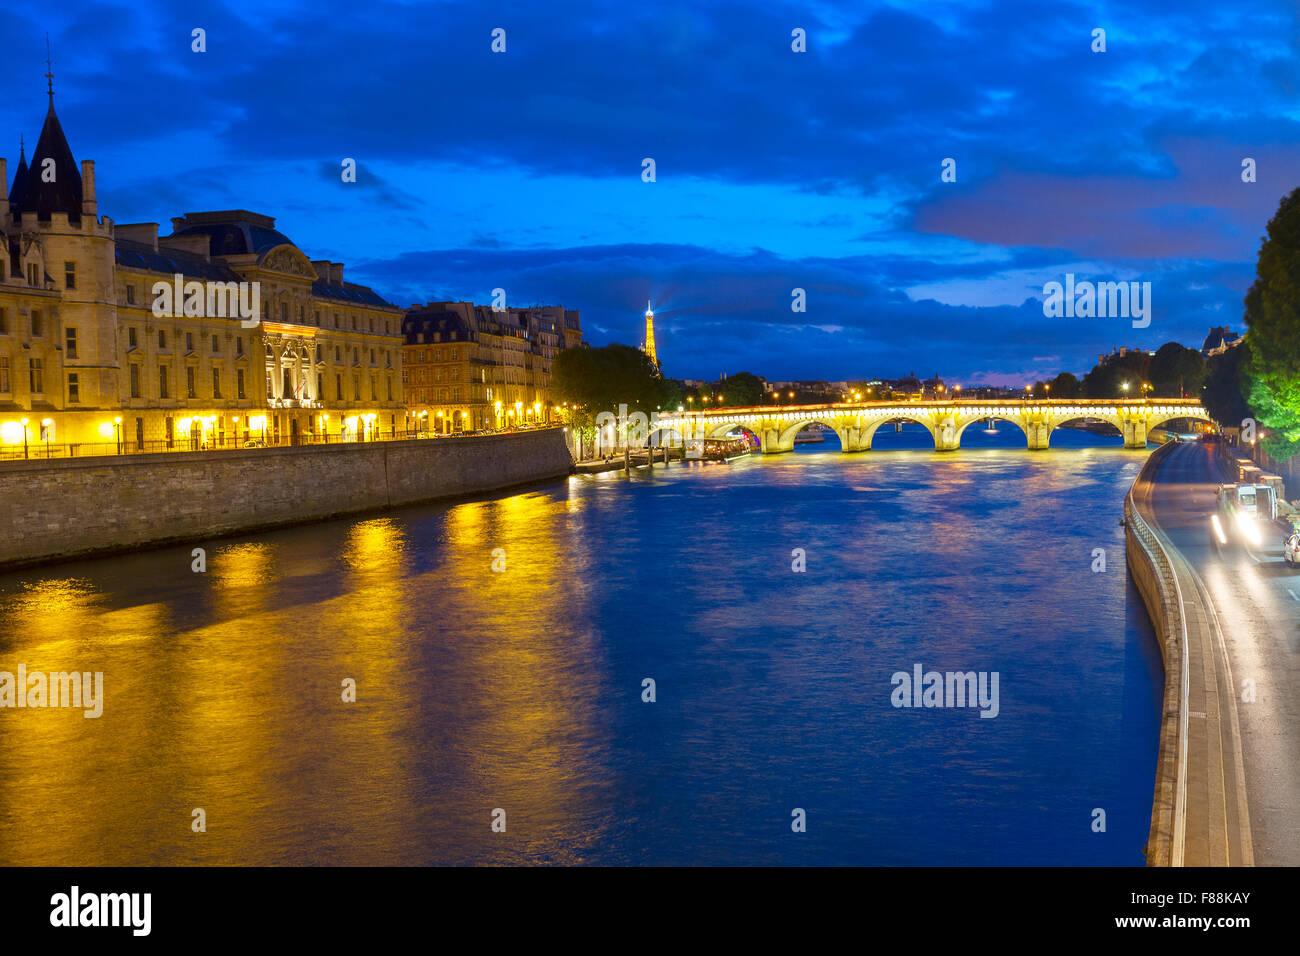 La Conciergerie  and Pont Neuf, Paris, France - Stock Image